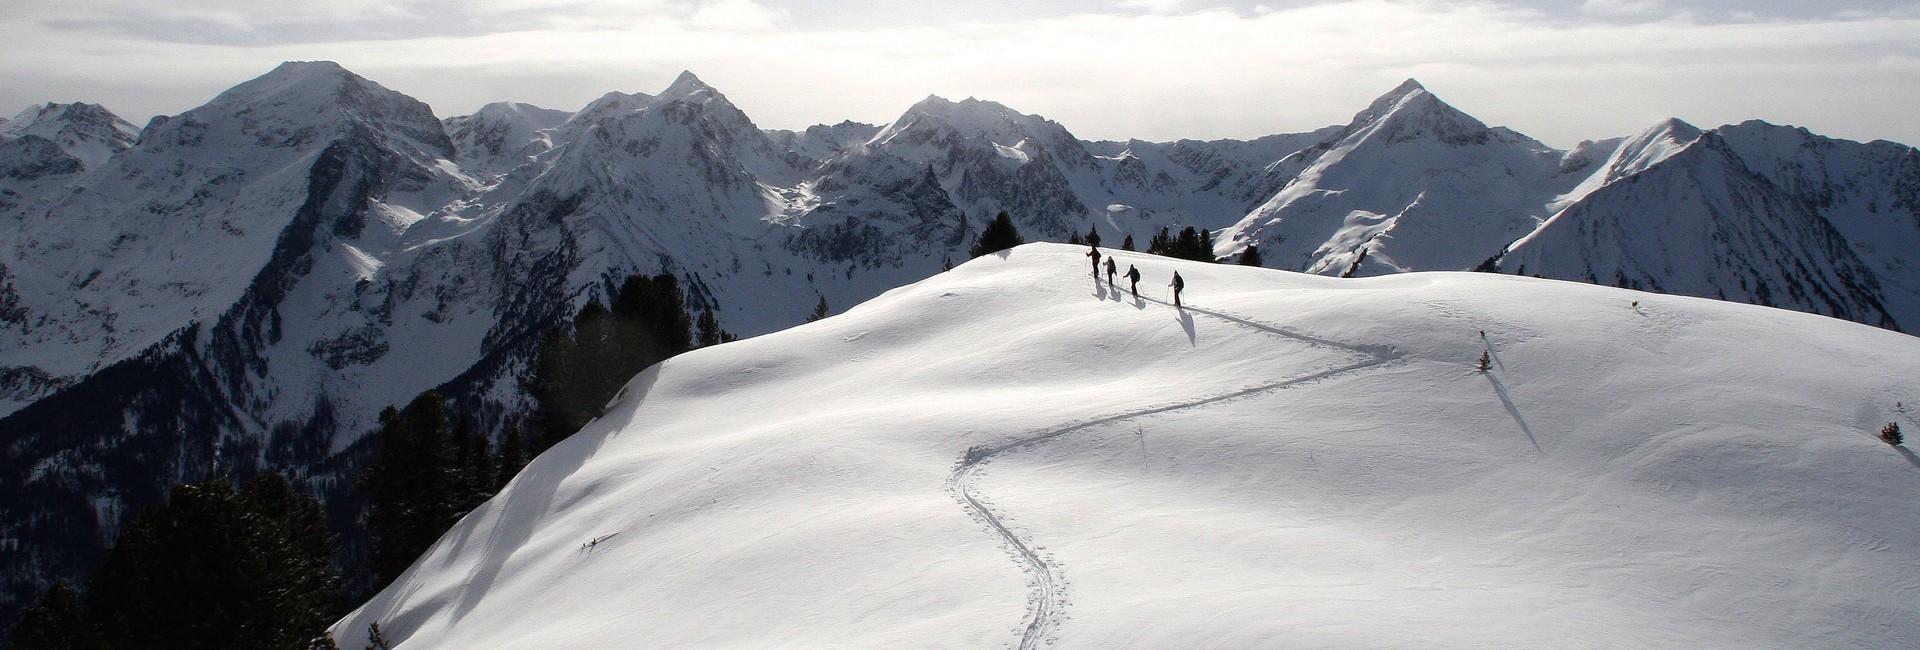 skitouren-pitztal